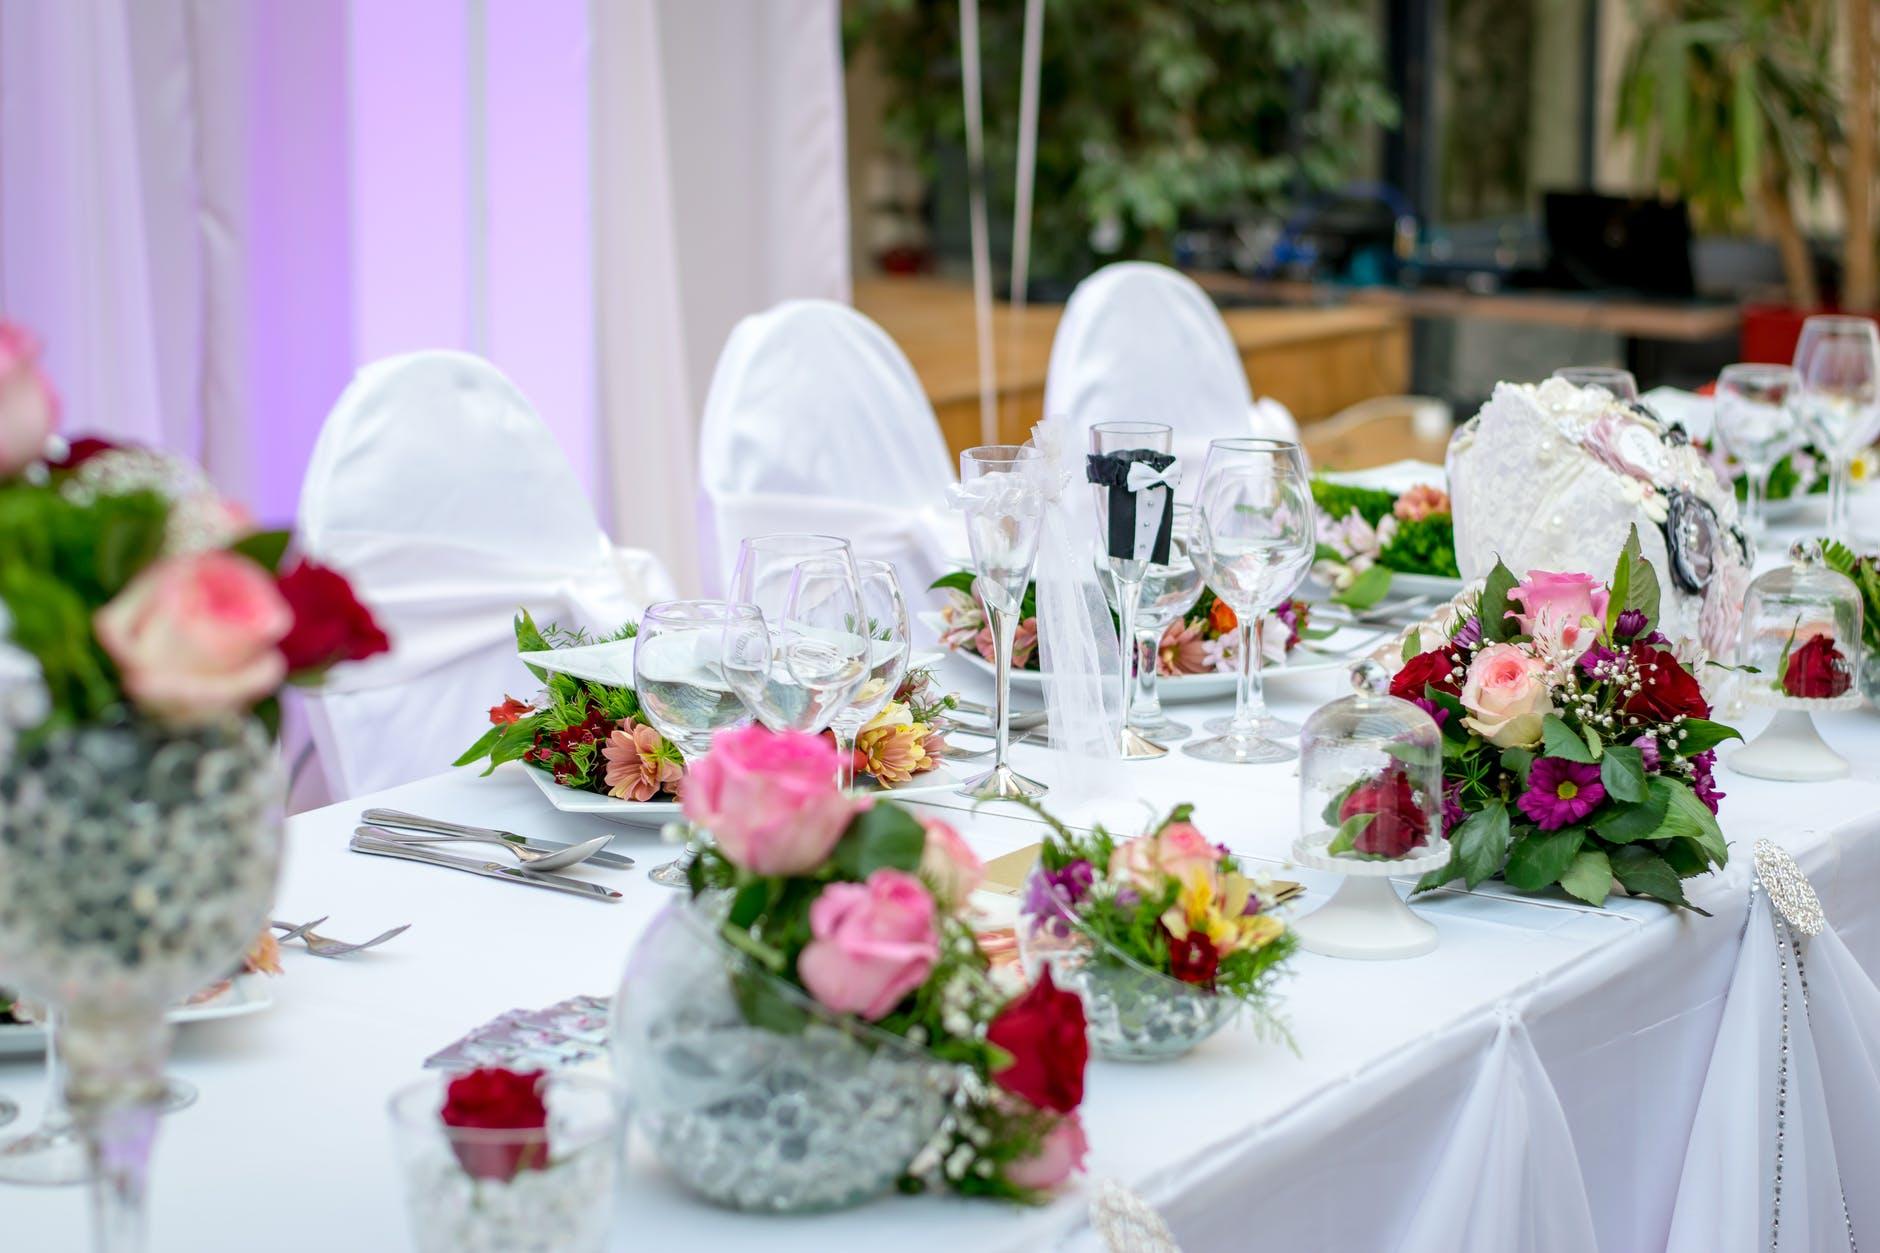 servis catering serta meja beradab